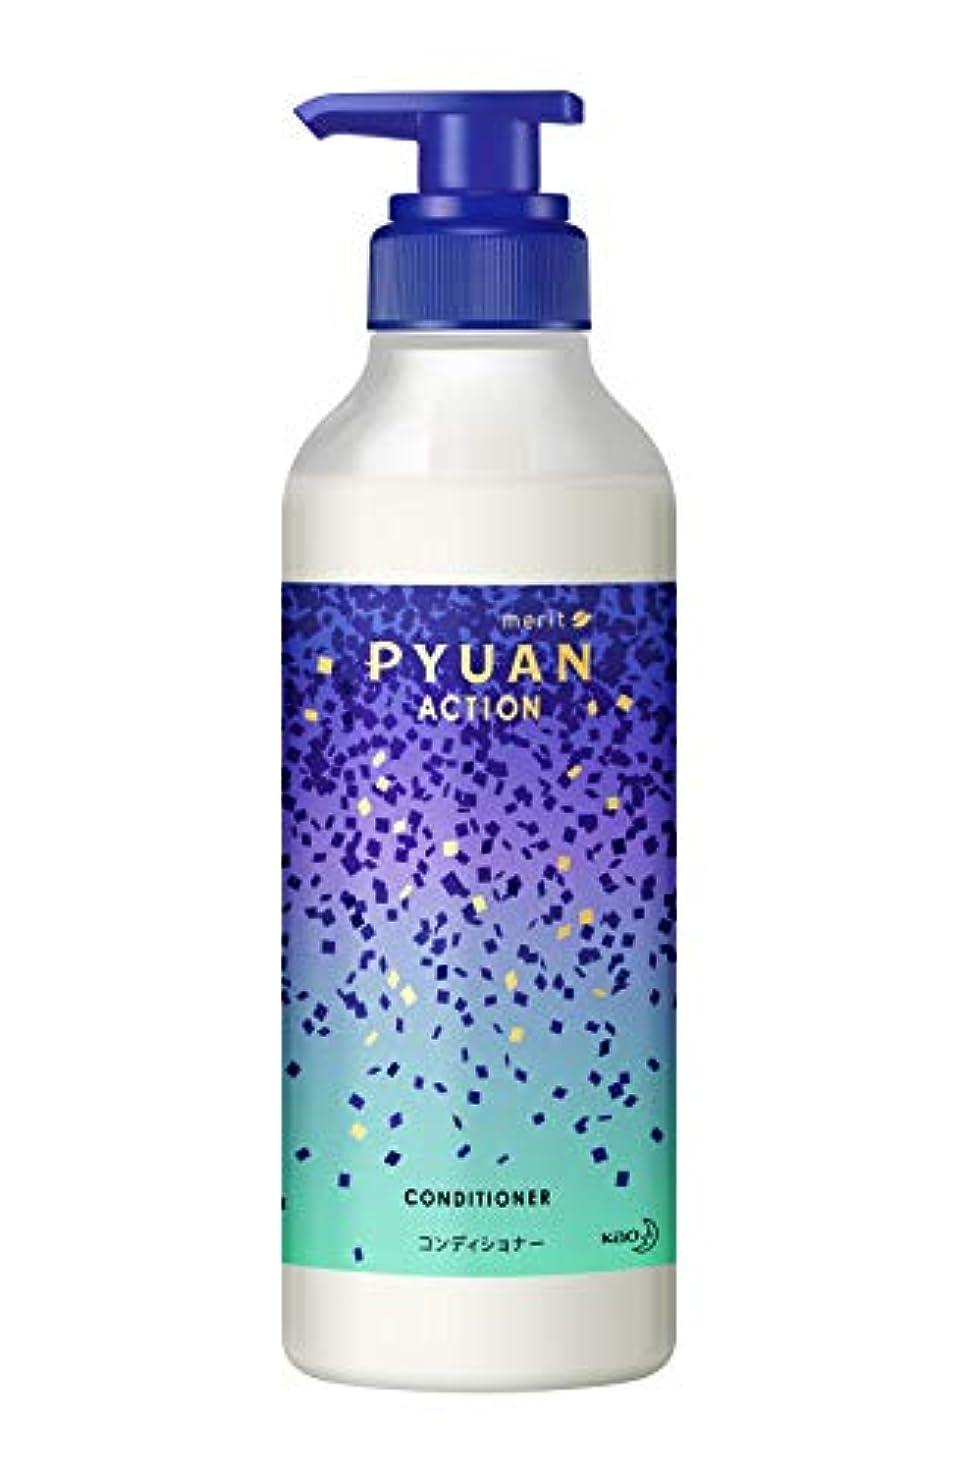 反対夜の動物園一方、PYUAN(ピュアン) メリットピュアン アクション (Action) シトラス&サンフラワーの香り コンディショナー ポンプ 425ml Dream Ami コラボ